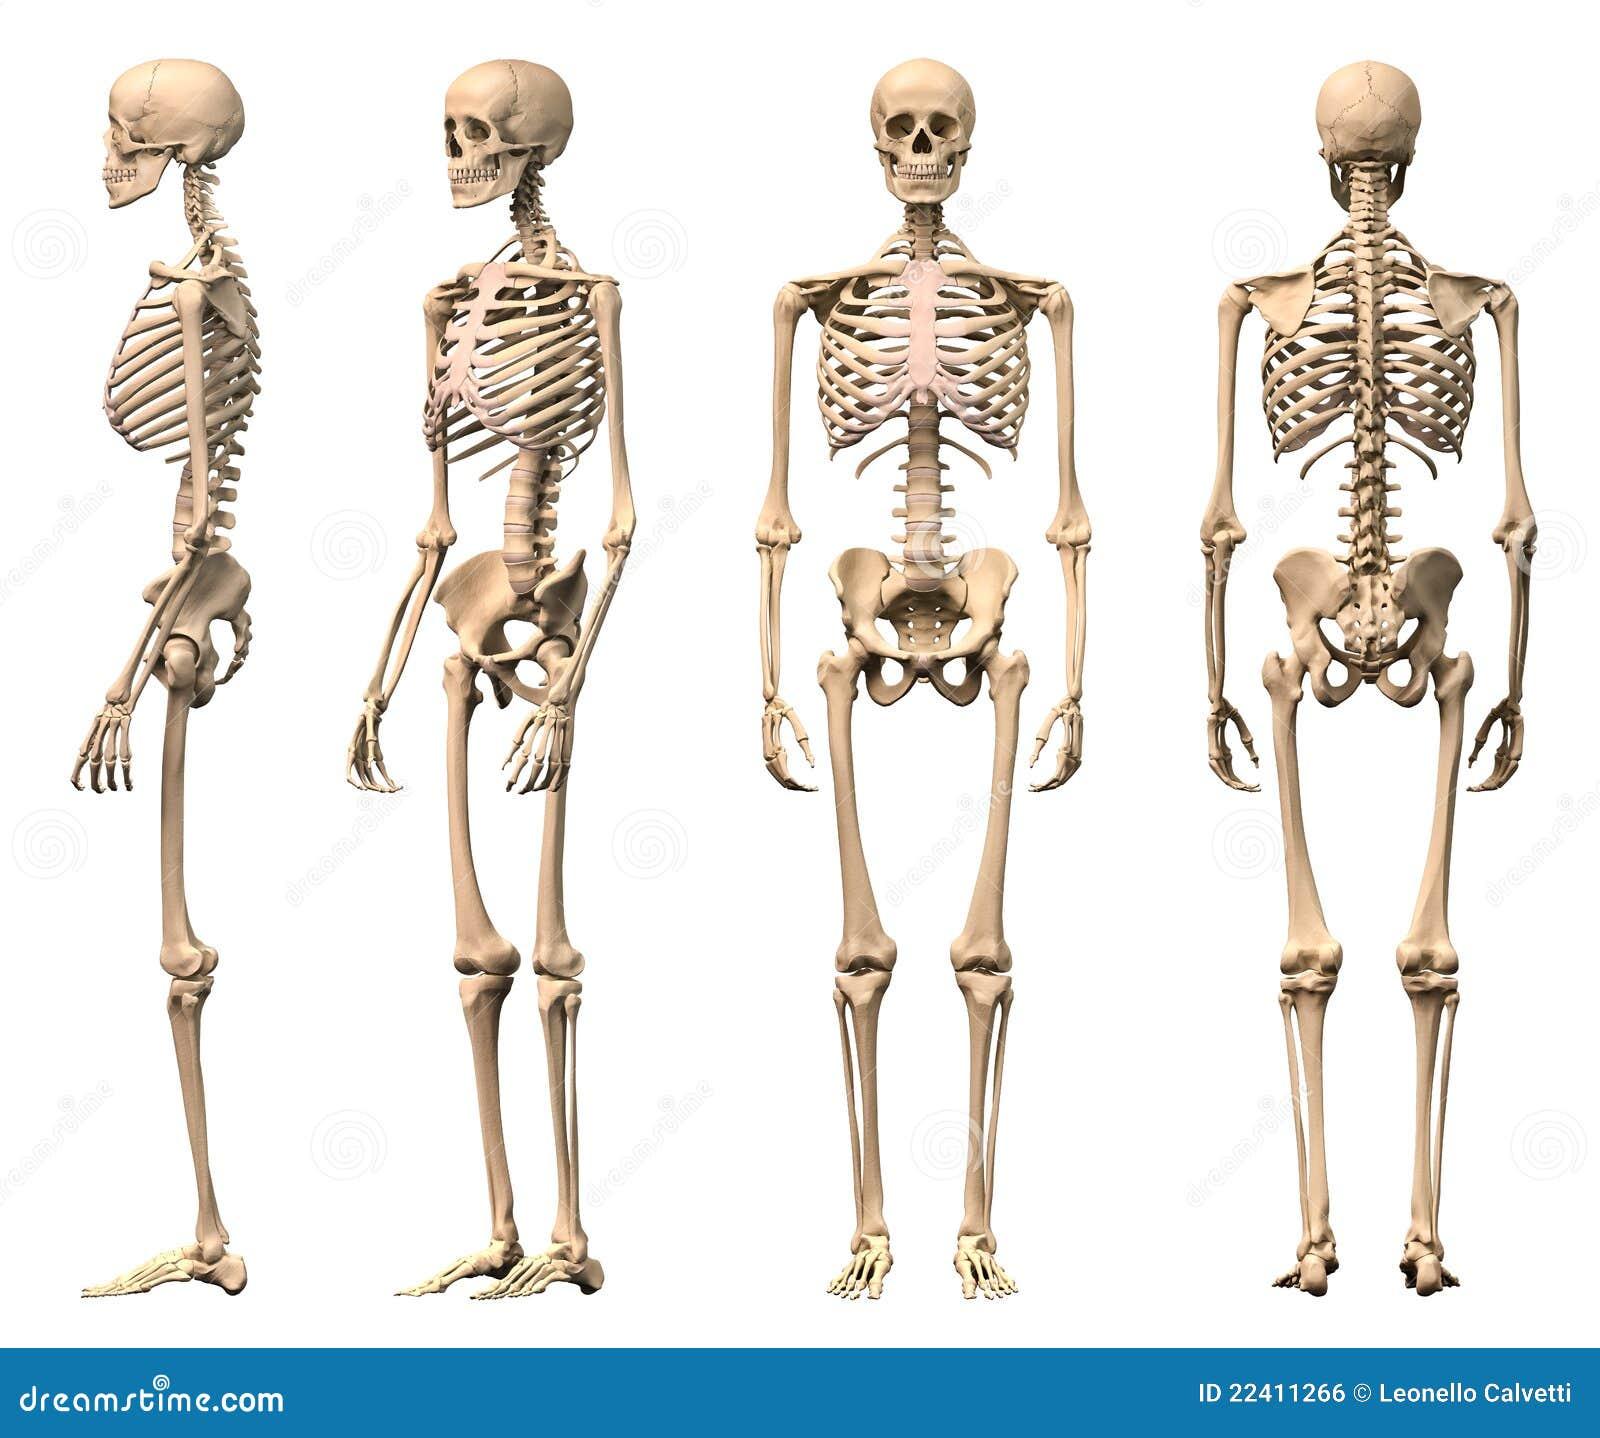 Excepcional Reales Esqueleto Fotos Humanos Componente - Anatomía y ...